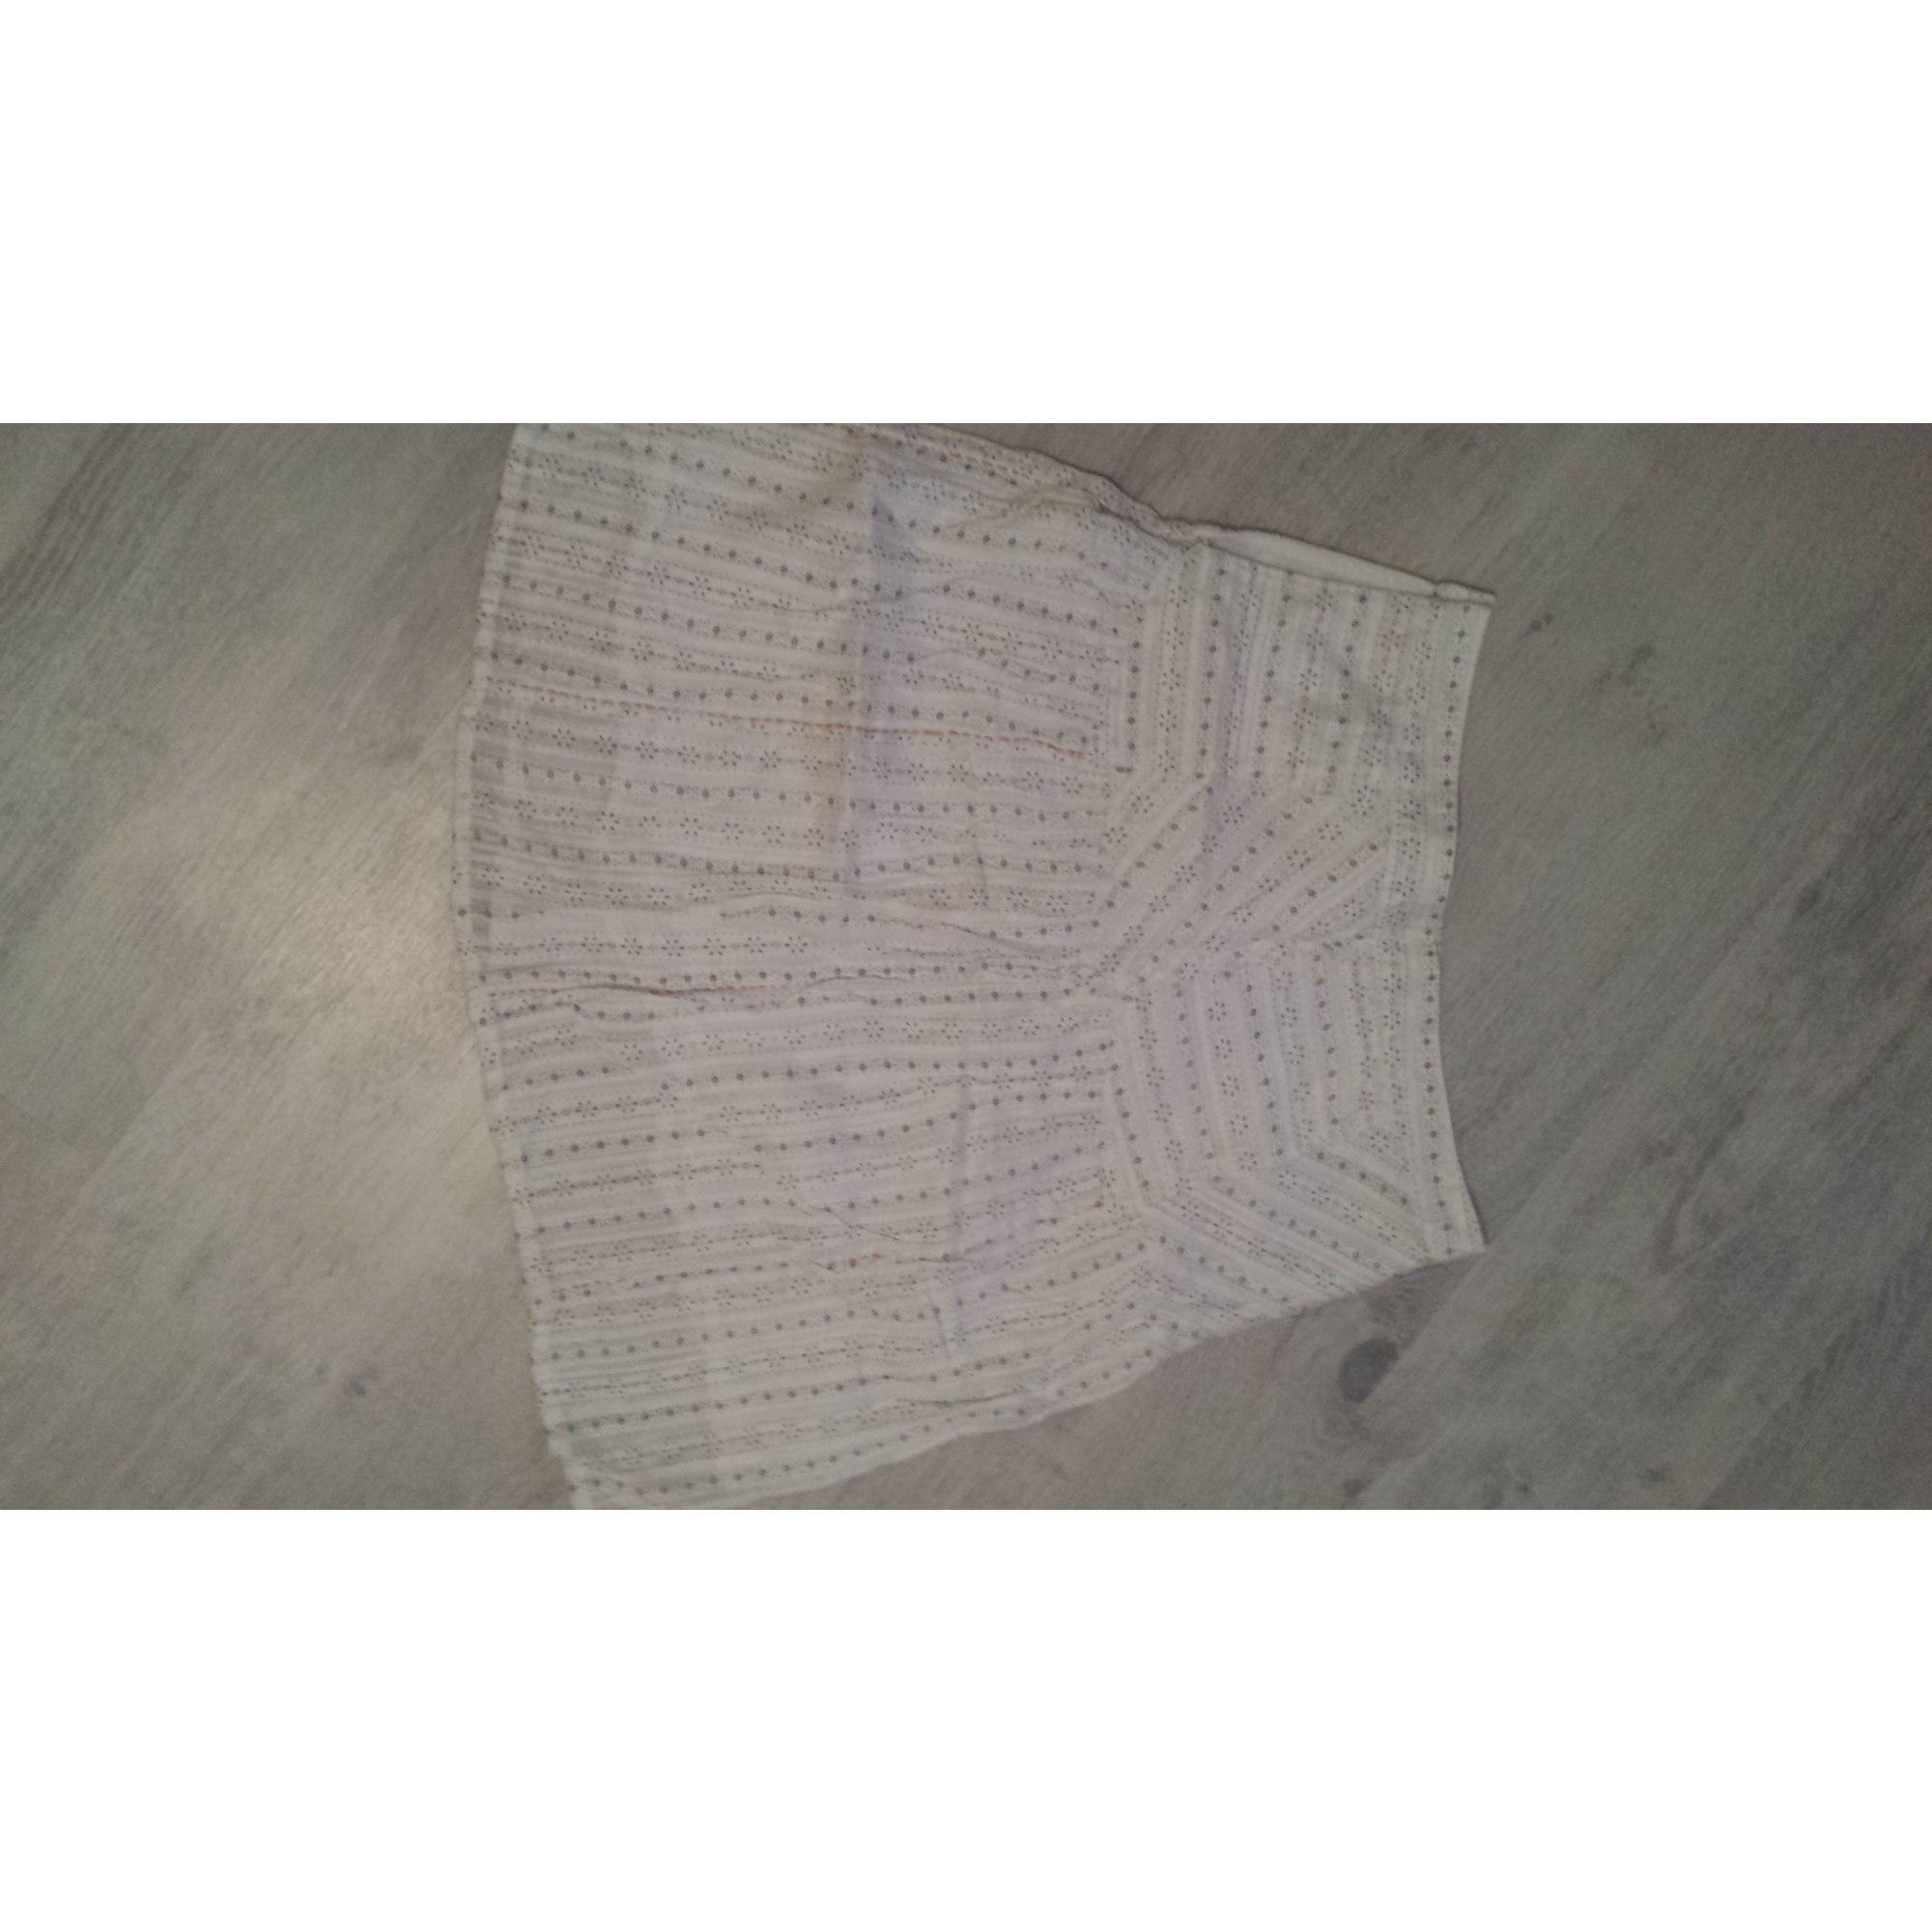 Jupe courte ONLY Blanc, blanc cassé, écru